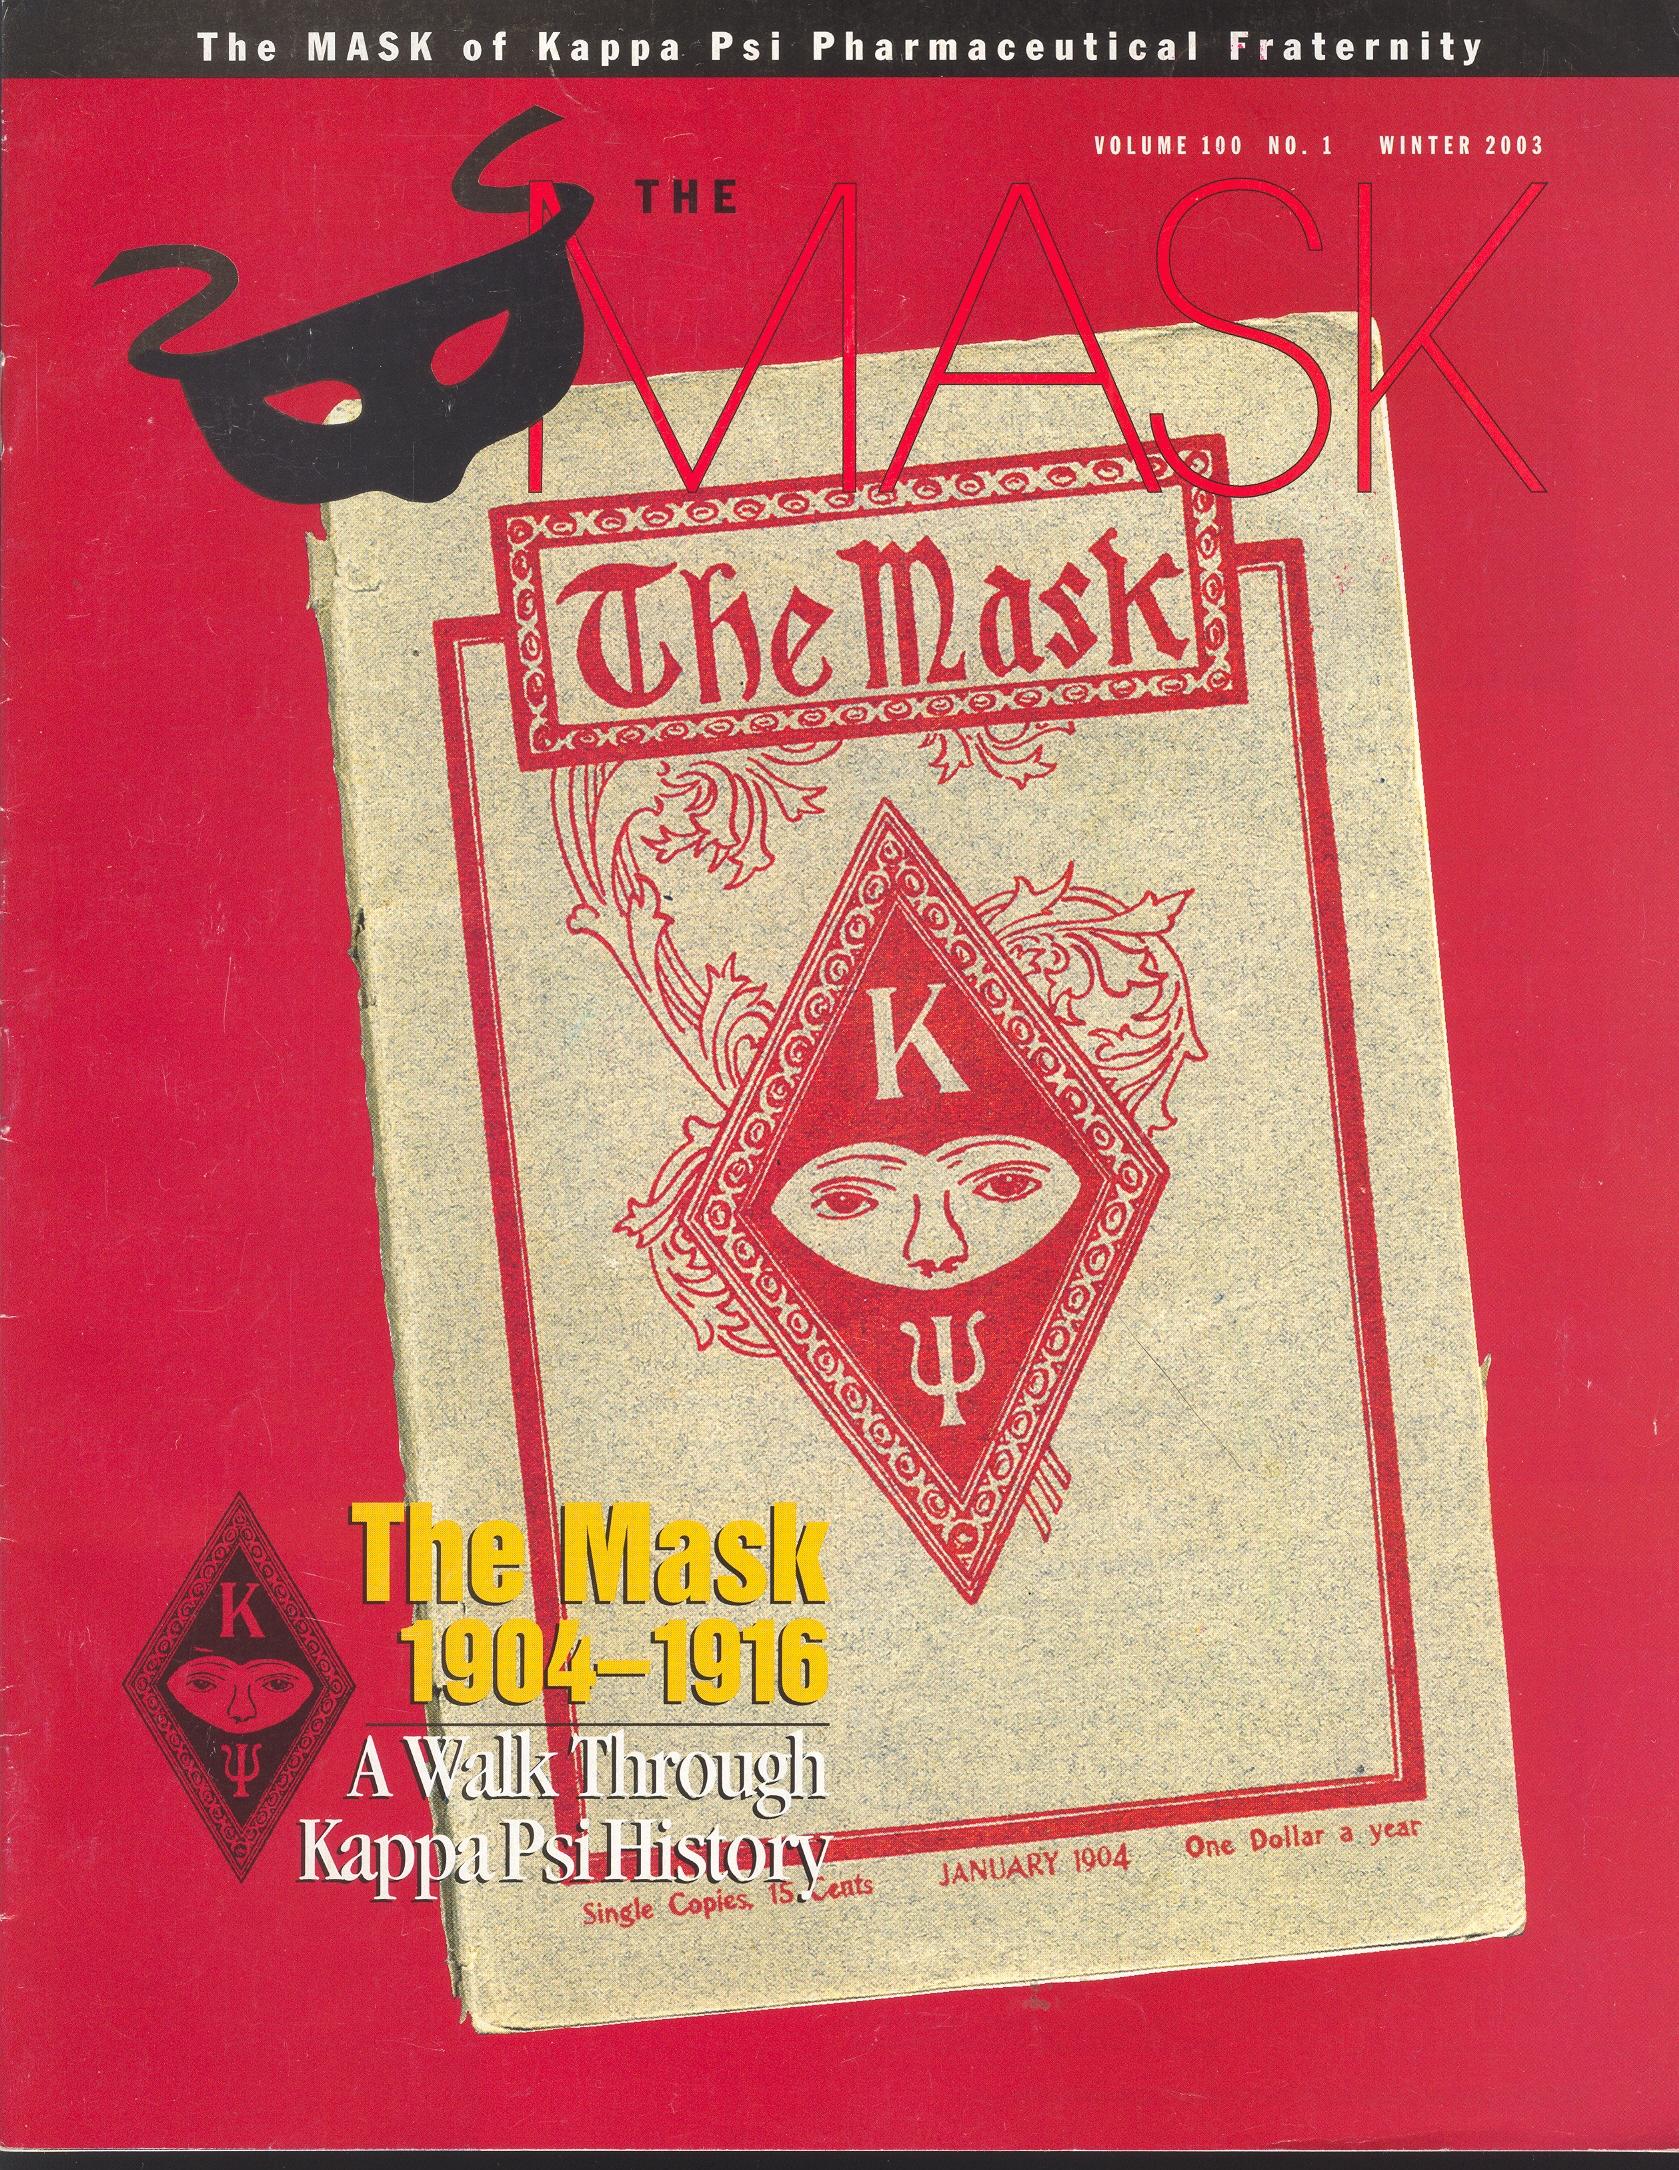 mask_cover_100-1_2003_win.jpg